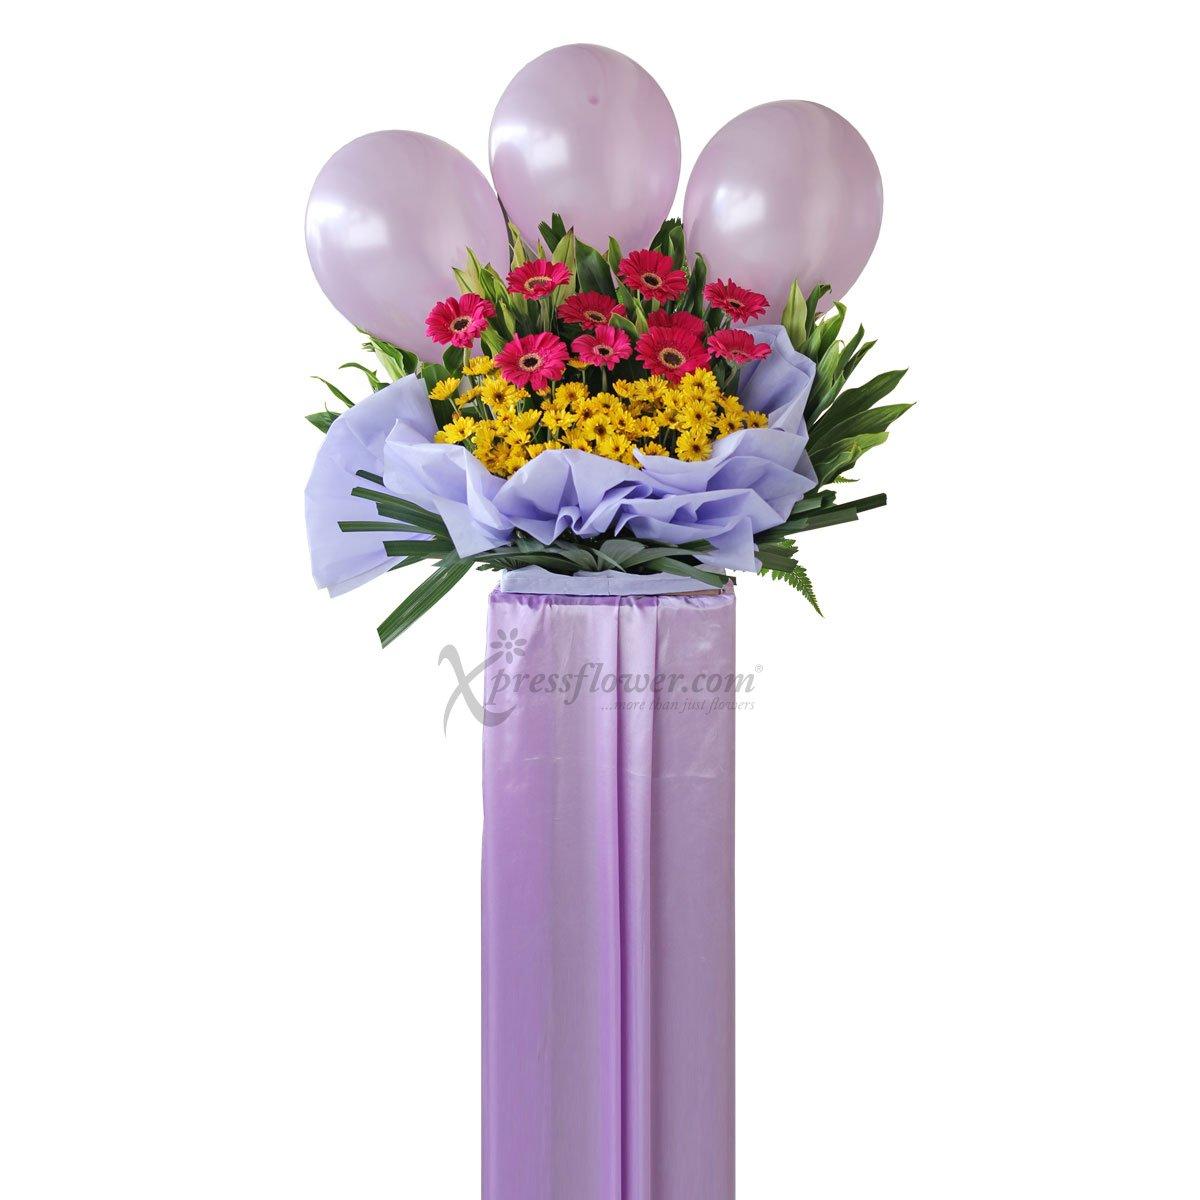 CS1711 Triumphant Moment congratulatory flower opening stand